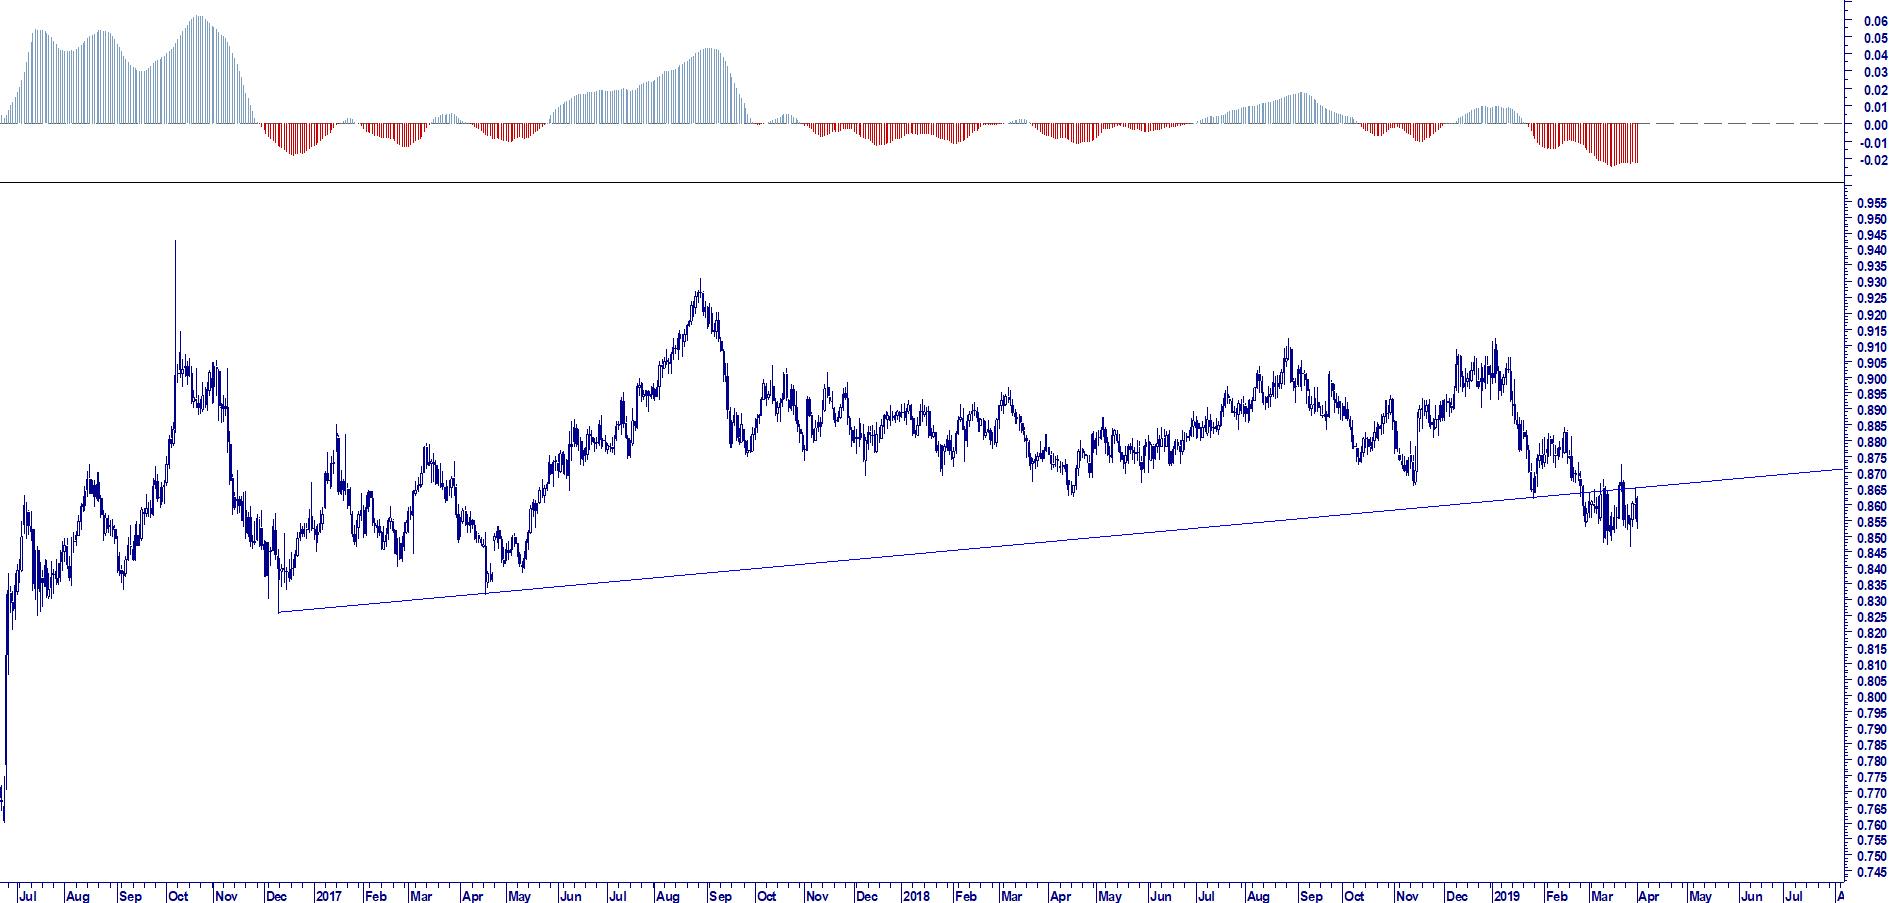 WB ENTERPRISE RISK MANAGEMENT: EUR GBP